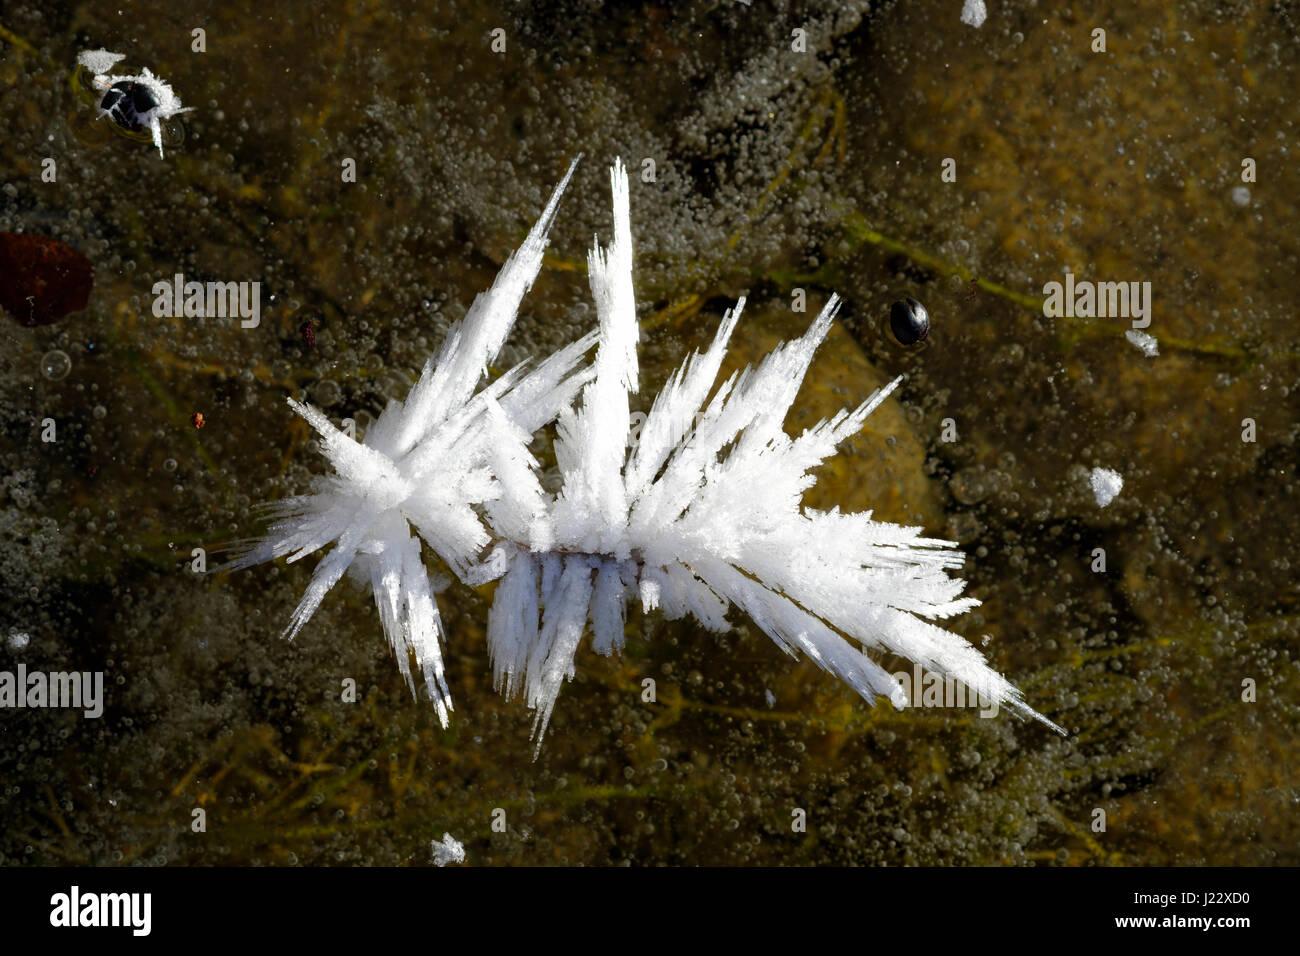 Eiskristalle auf  Eisfläche, Naturschutzgebiet Isarauen, Bayern Deutschland - Stock Image